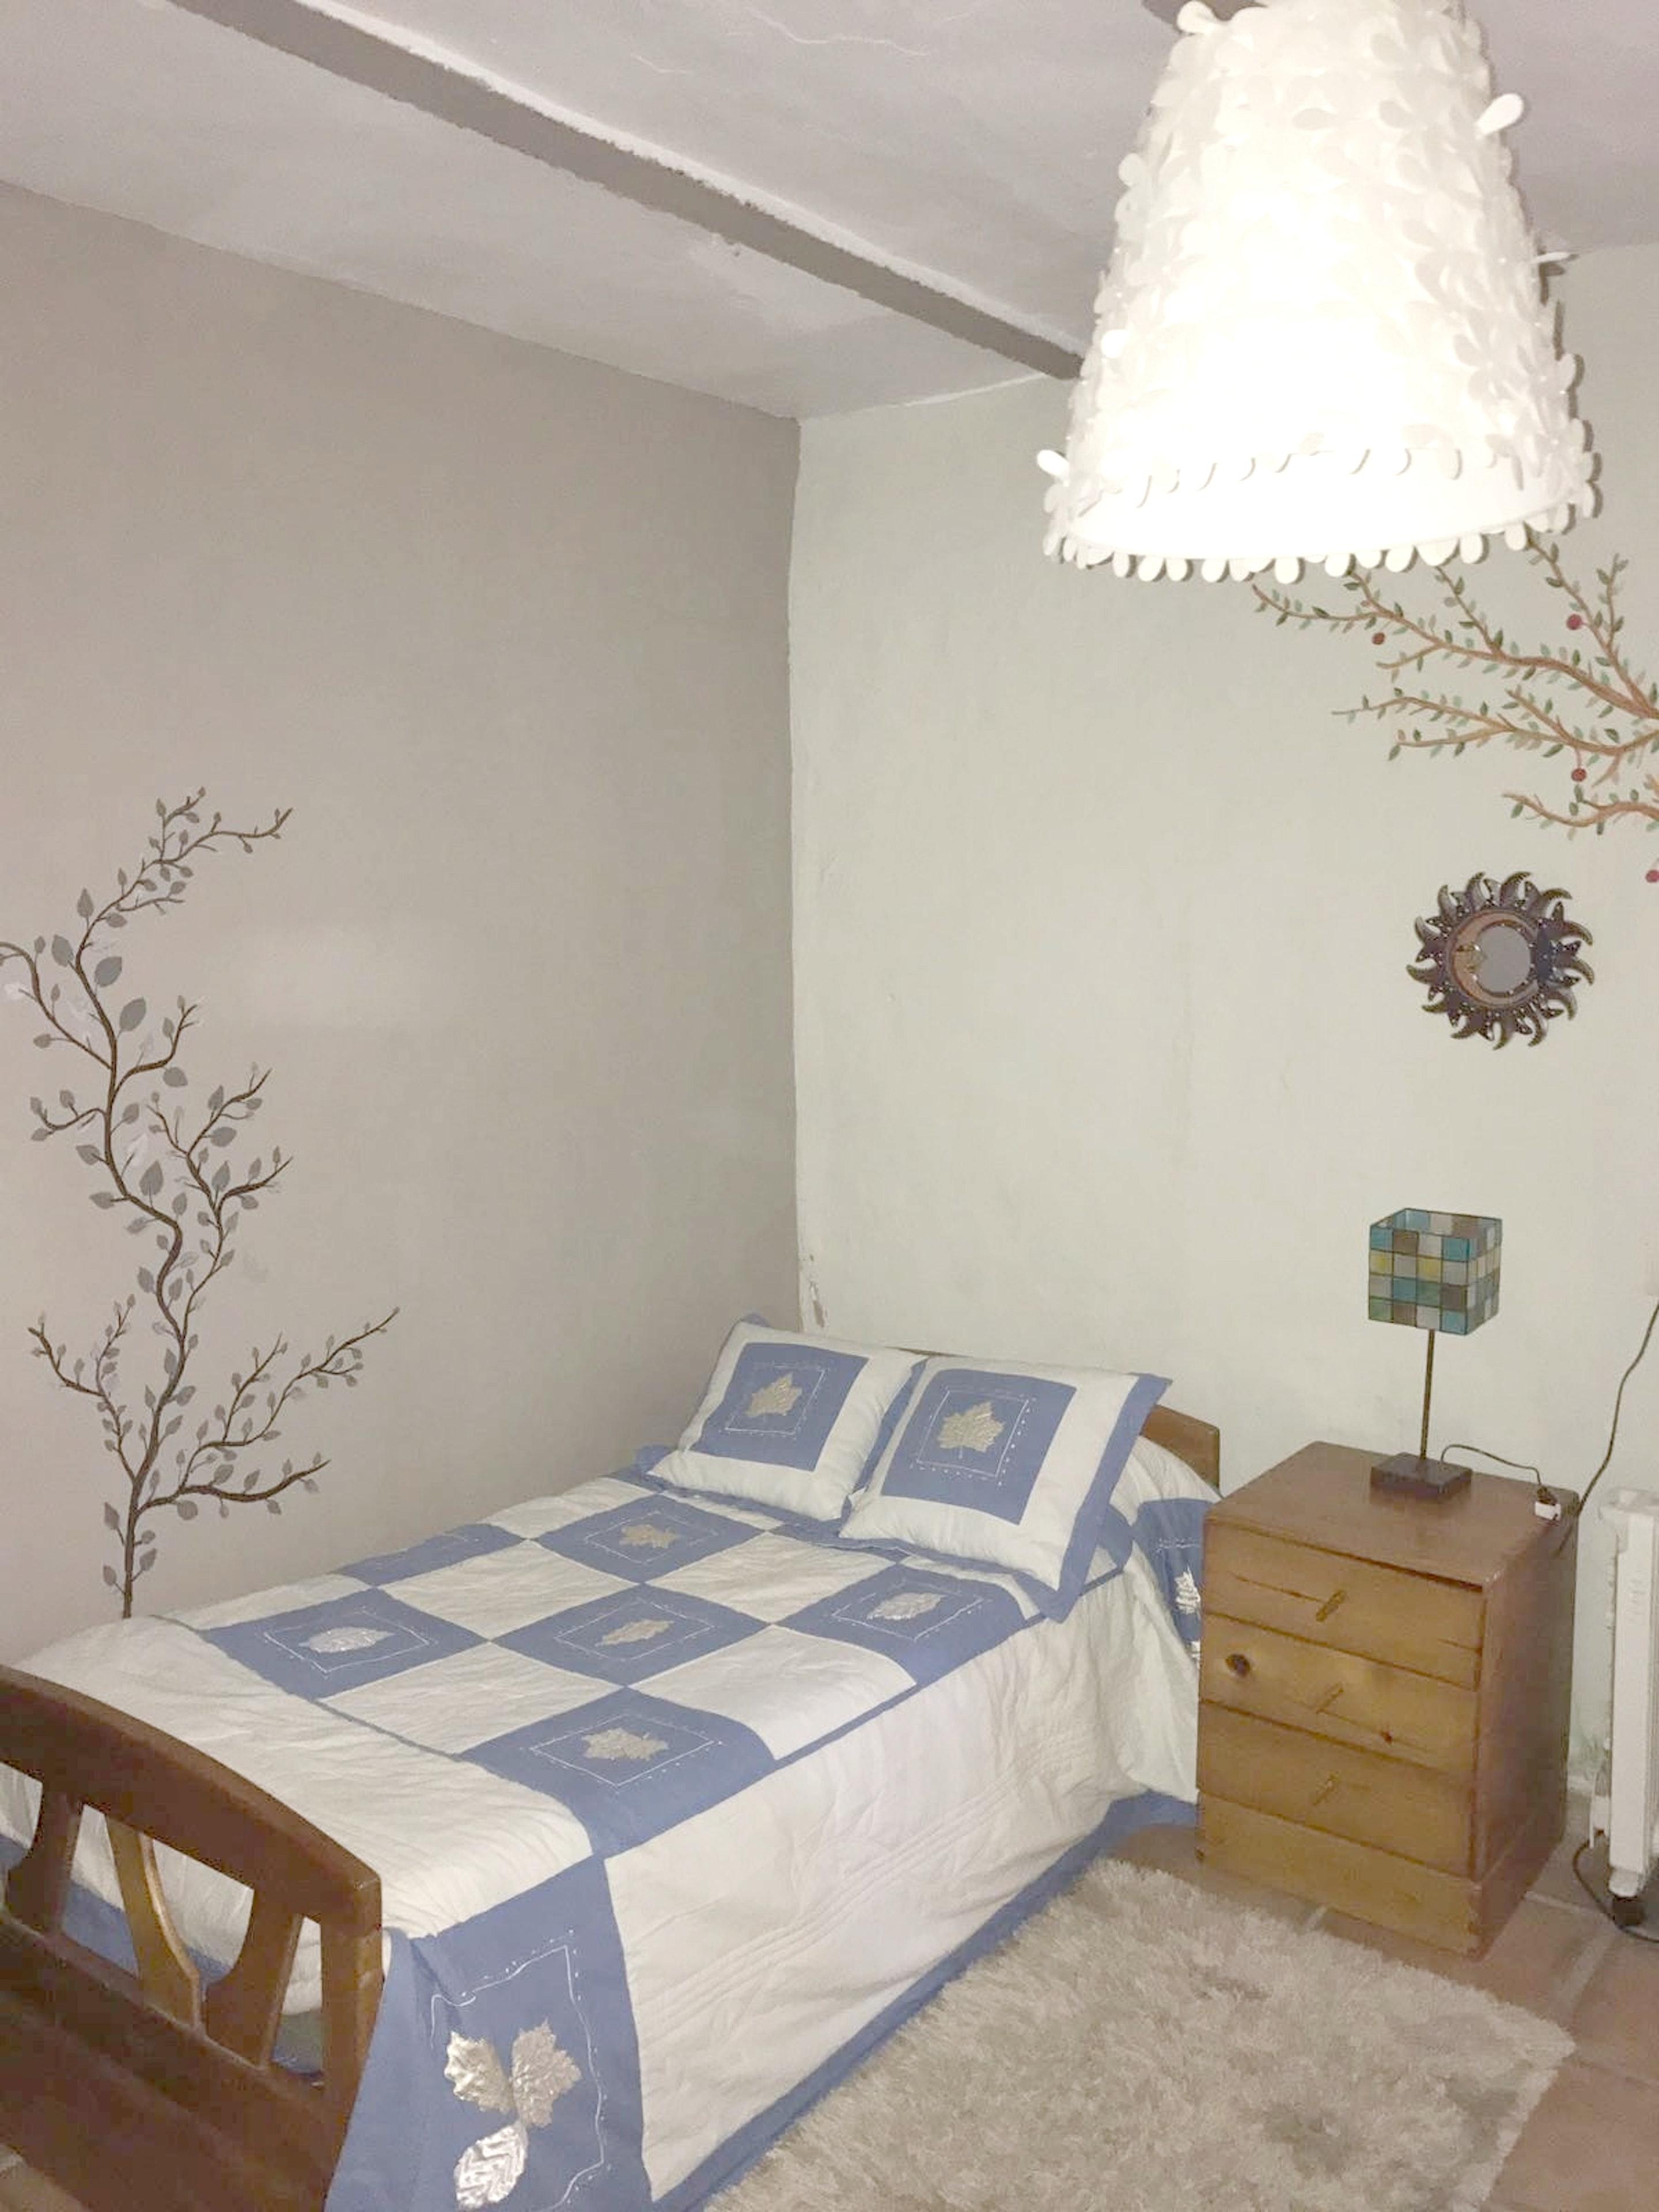 Ferienhaus Haus mit 7 Schlafzimmern in Burguillos de Toledo mit privatem Pool und eingezäuntem Garten (2299203), Burguillos de Toledo, Toledo, Kastilien-La Mancha, Spanien, Bild 22